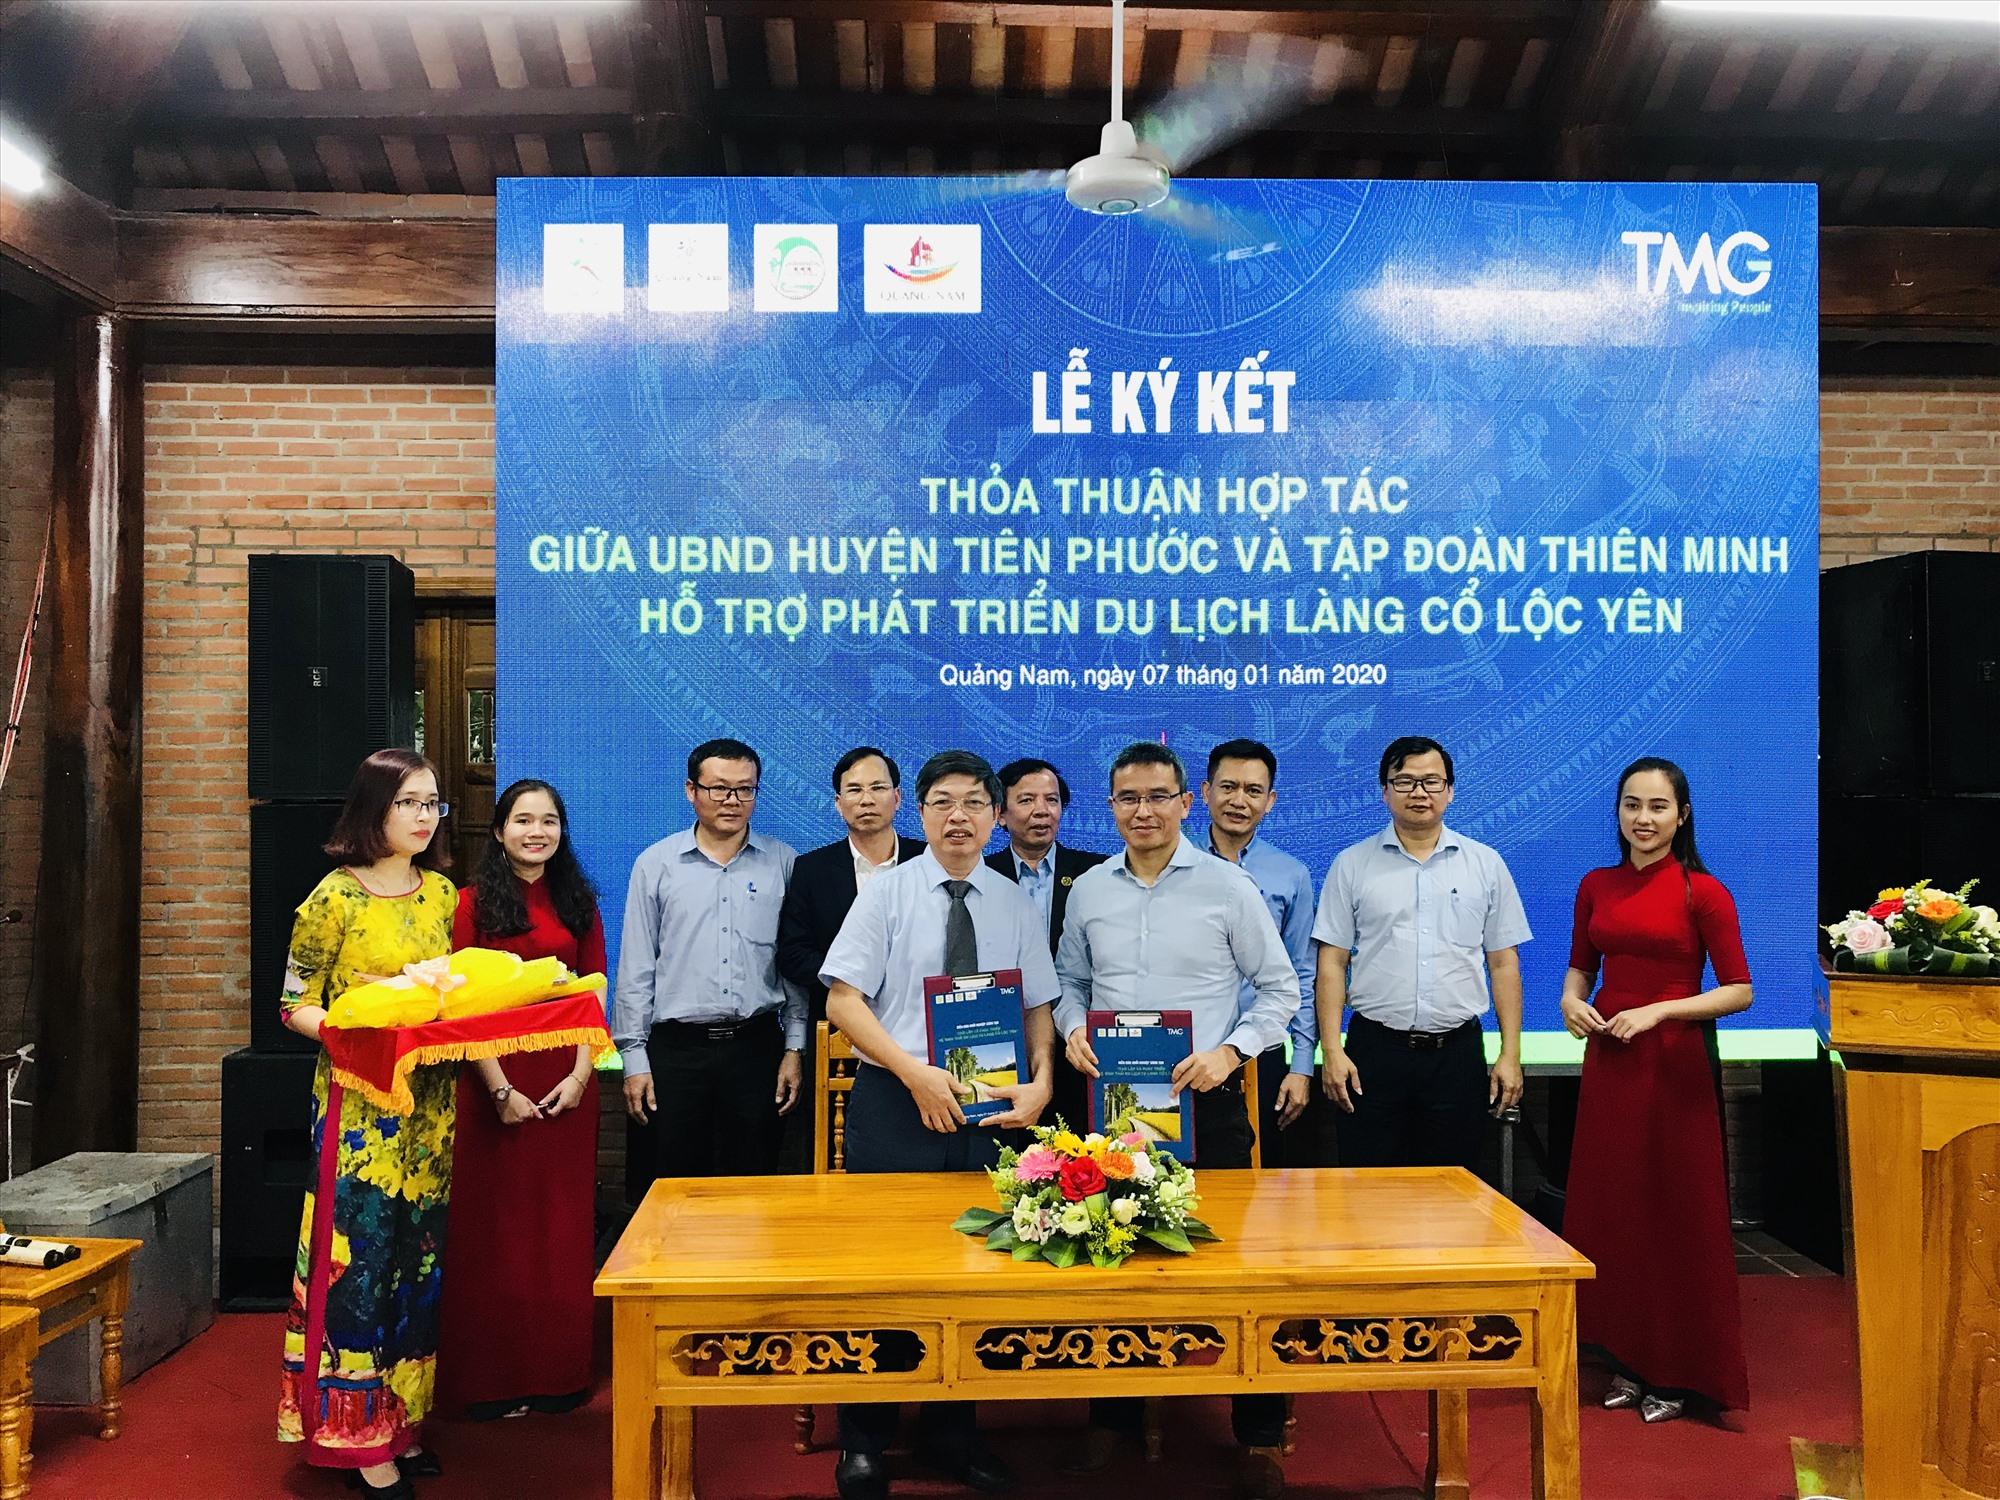 Ký kết hợp tác phát triển du lịch giữa huyện Tiên Phước và tập đoàn Thiên Minh. Ảnh: L.T